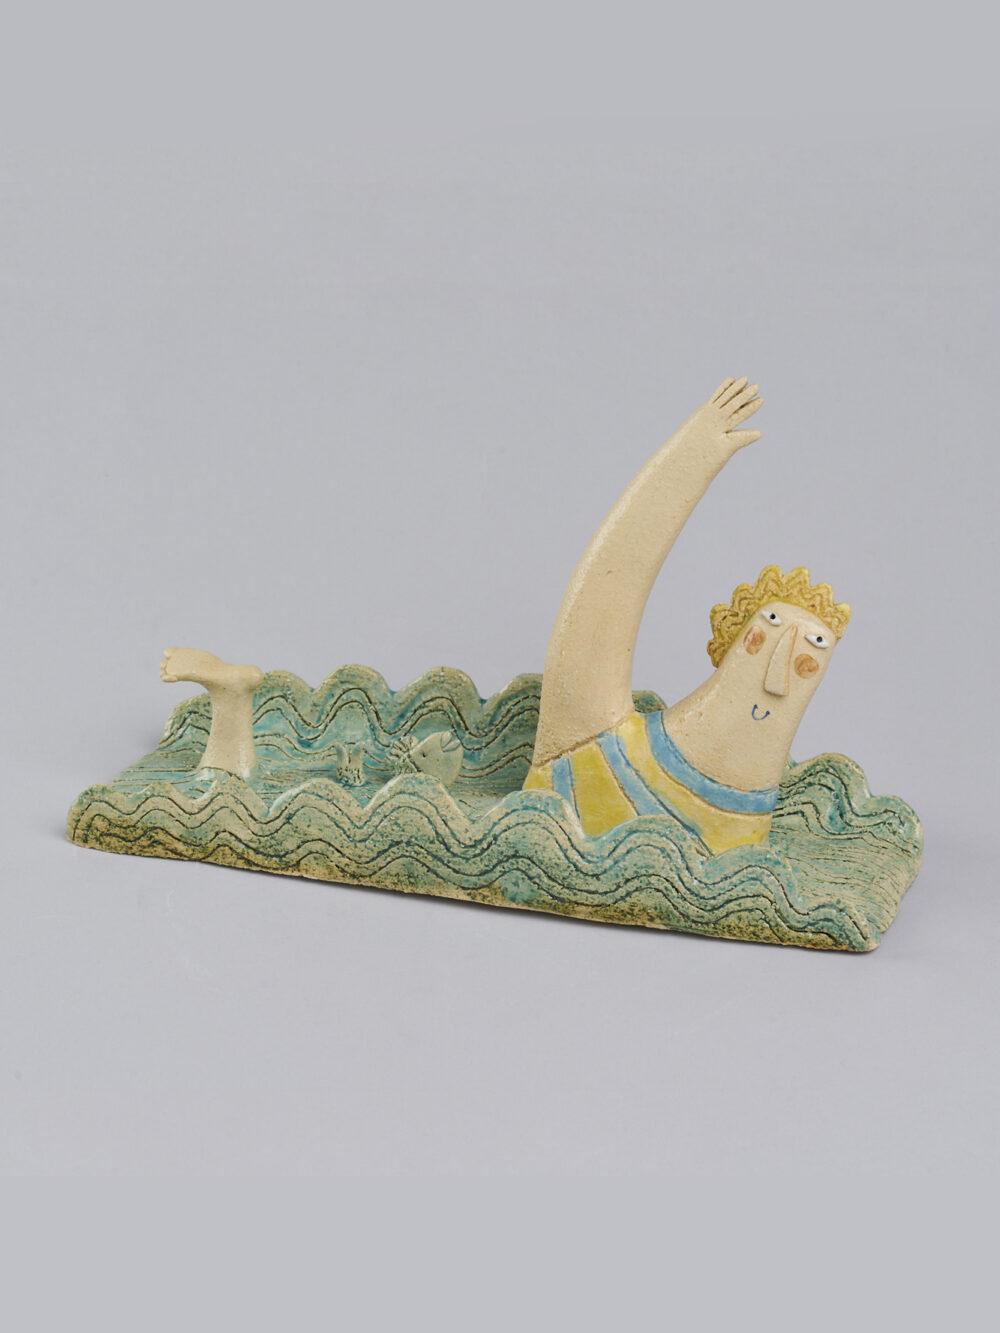 Nuotatore III